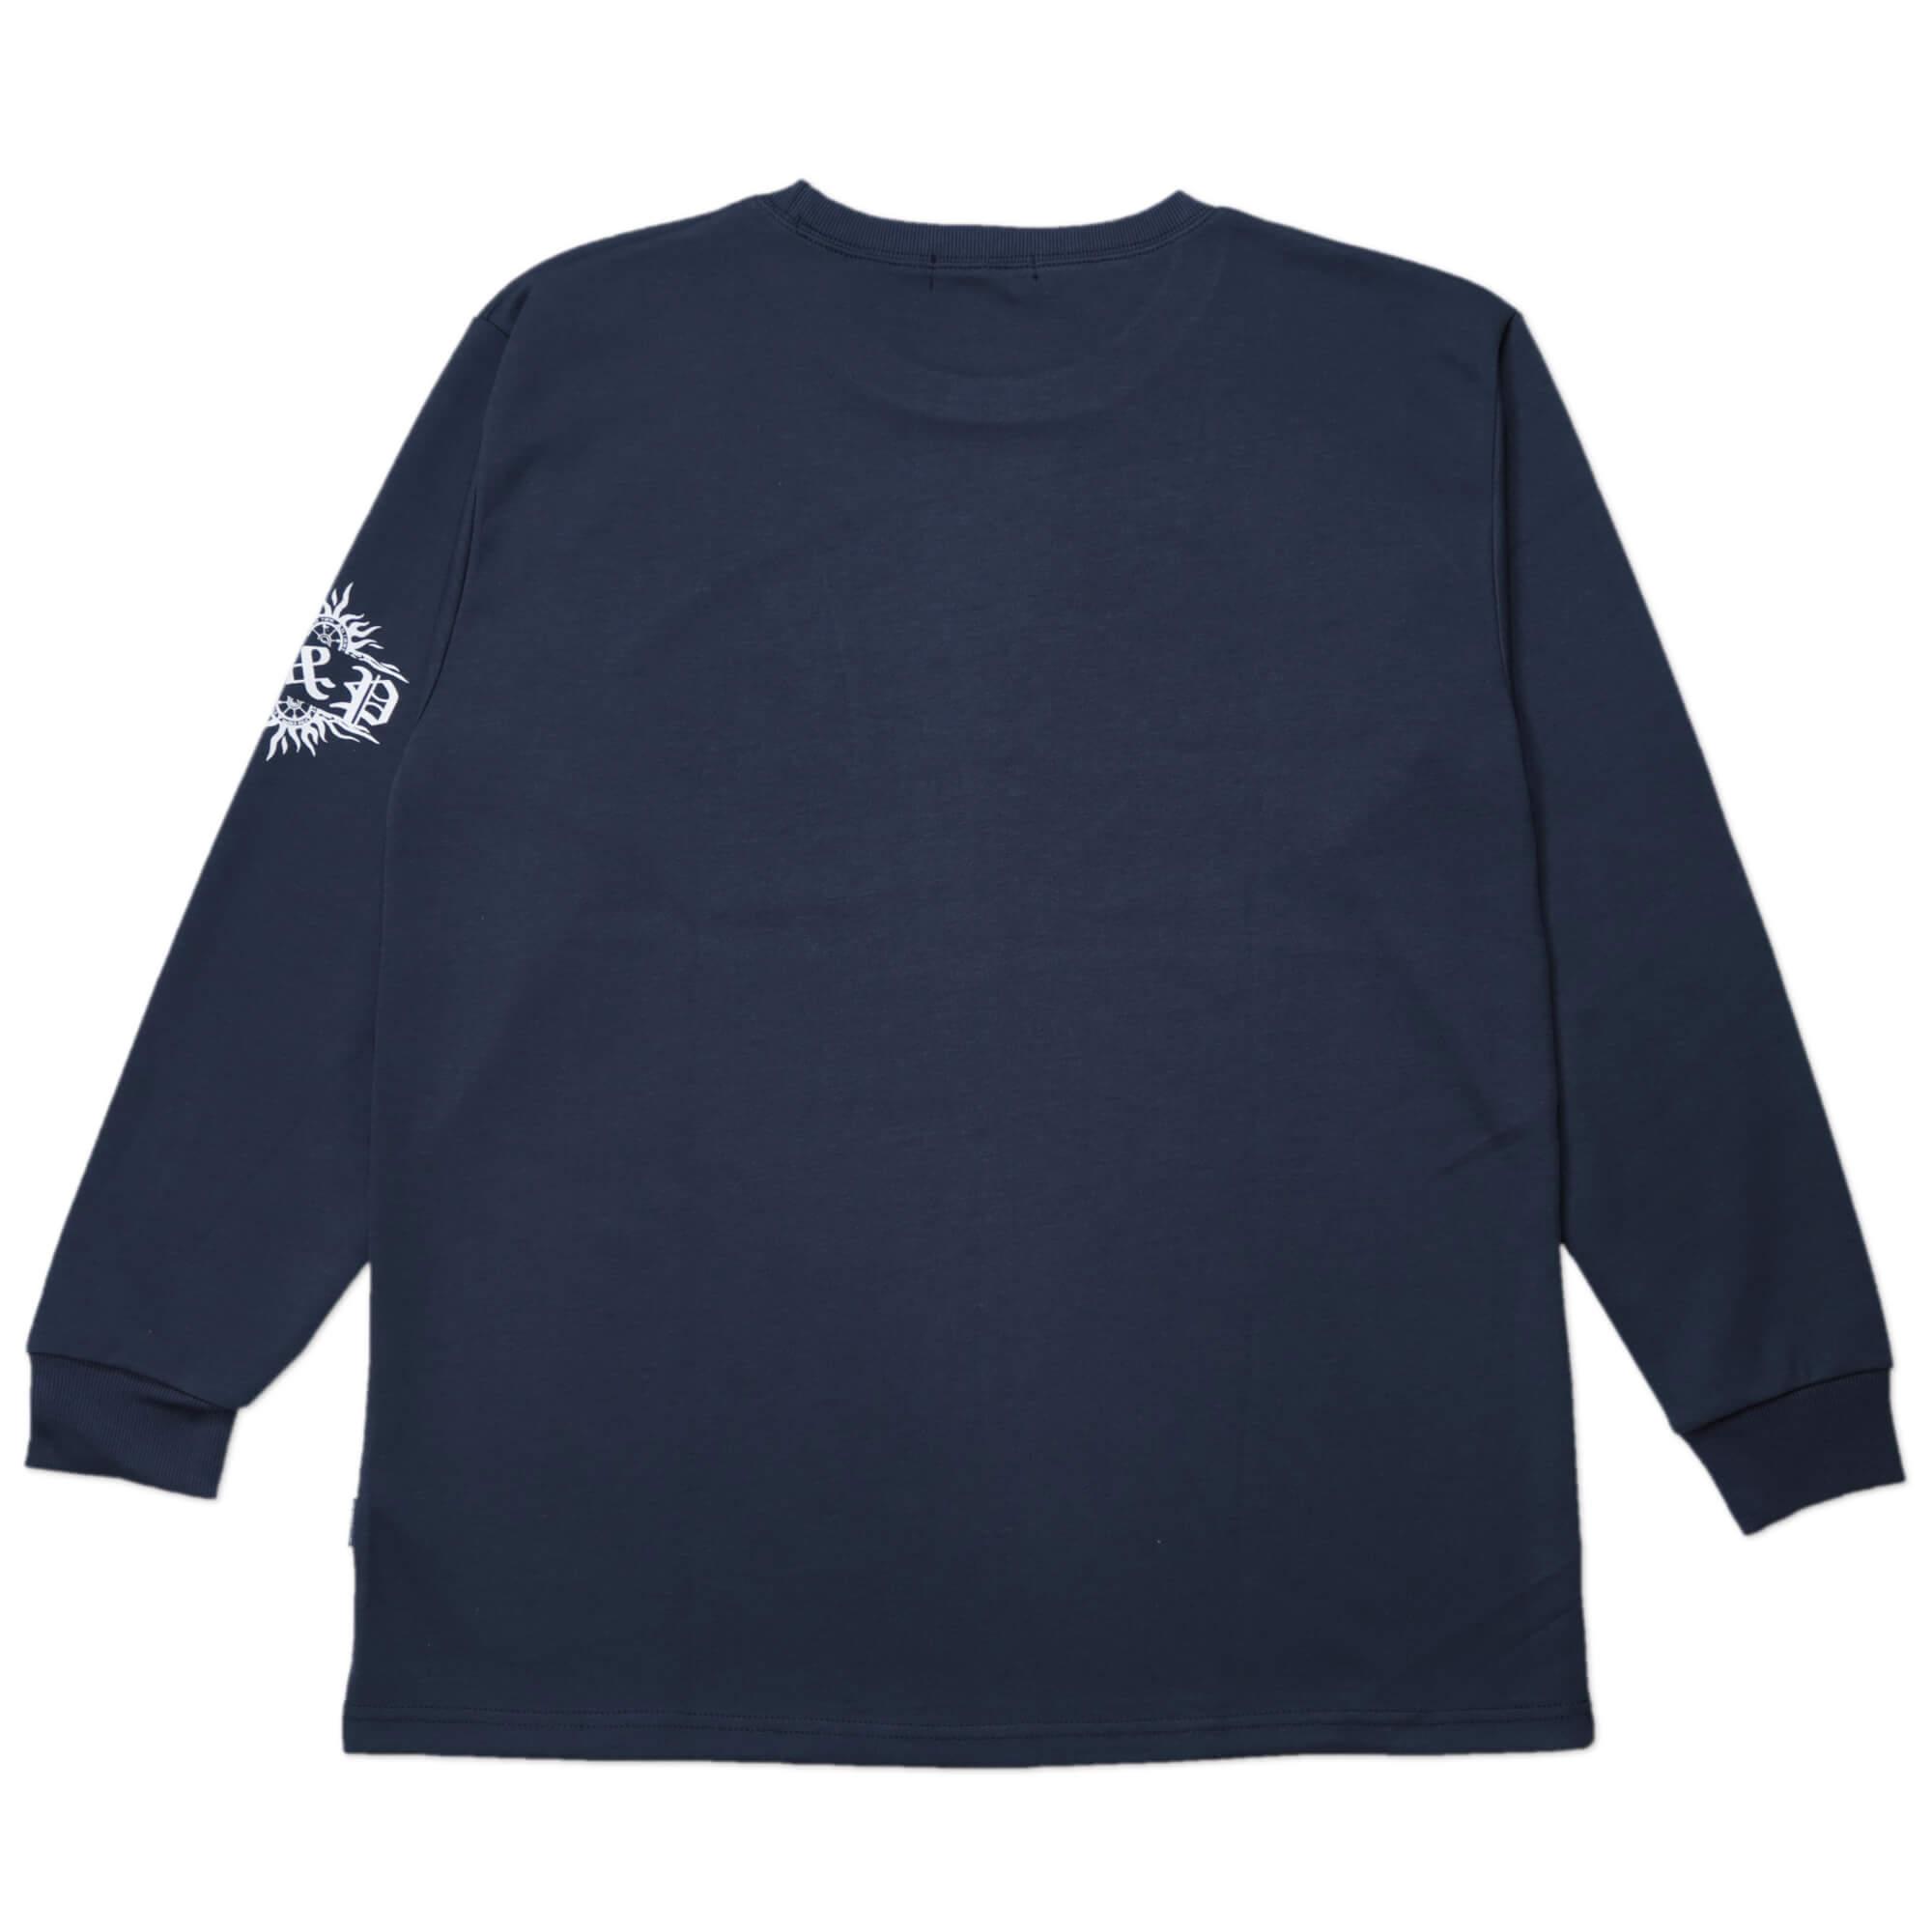 加大尺碼台灣製長袖T恤 哥德體英文字彈性圓領T恤 T-shirt 長袖上衣 休閒長TEE 藍色T恤 黑色T恤 MADE IN TAIWAN NAVY BLUE BIG_AND_TALL (310-0860-08)海軍藍、(310-0860-21)黑色 4L 6L(胸圍52~57英吋) [實體店面保障] sun-e 2